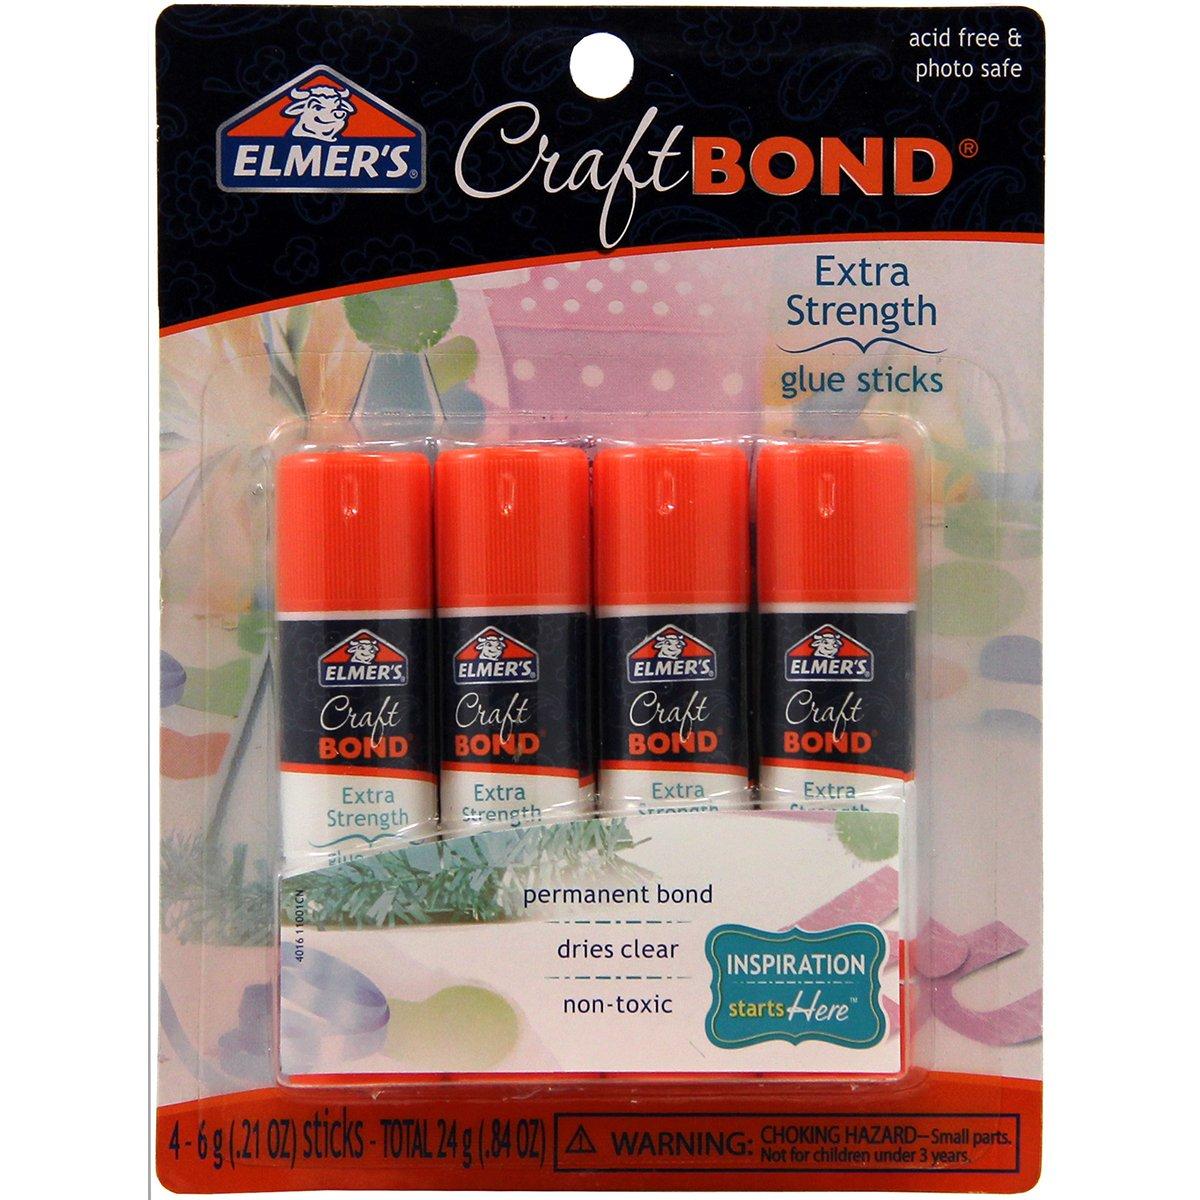 Elmer's CraftBond Extra Strength Glue Sticks, 0.21 Ounces, 4 Count